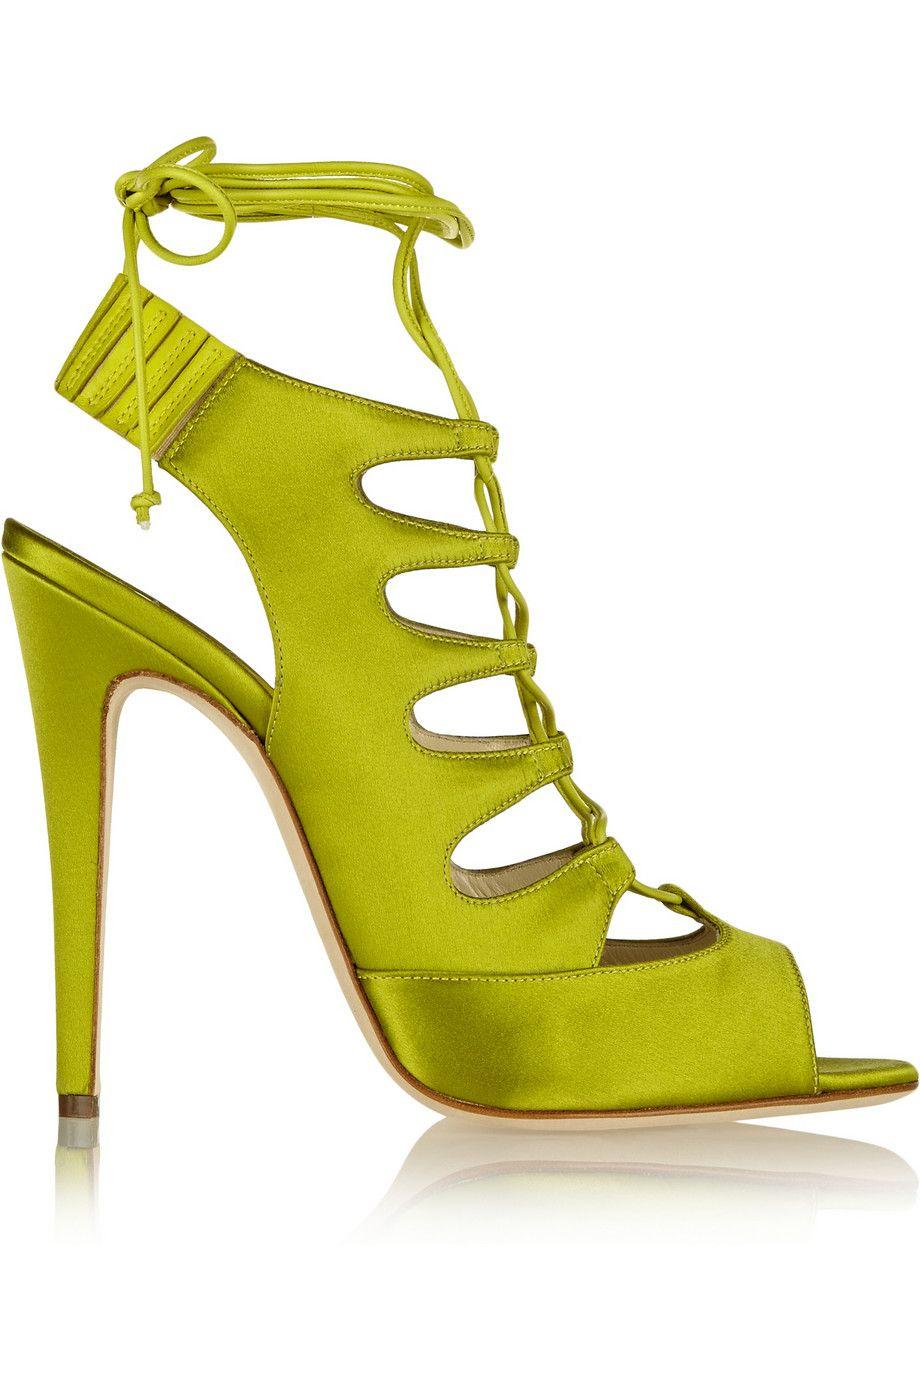 Zapatos Tacon Verde Lima